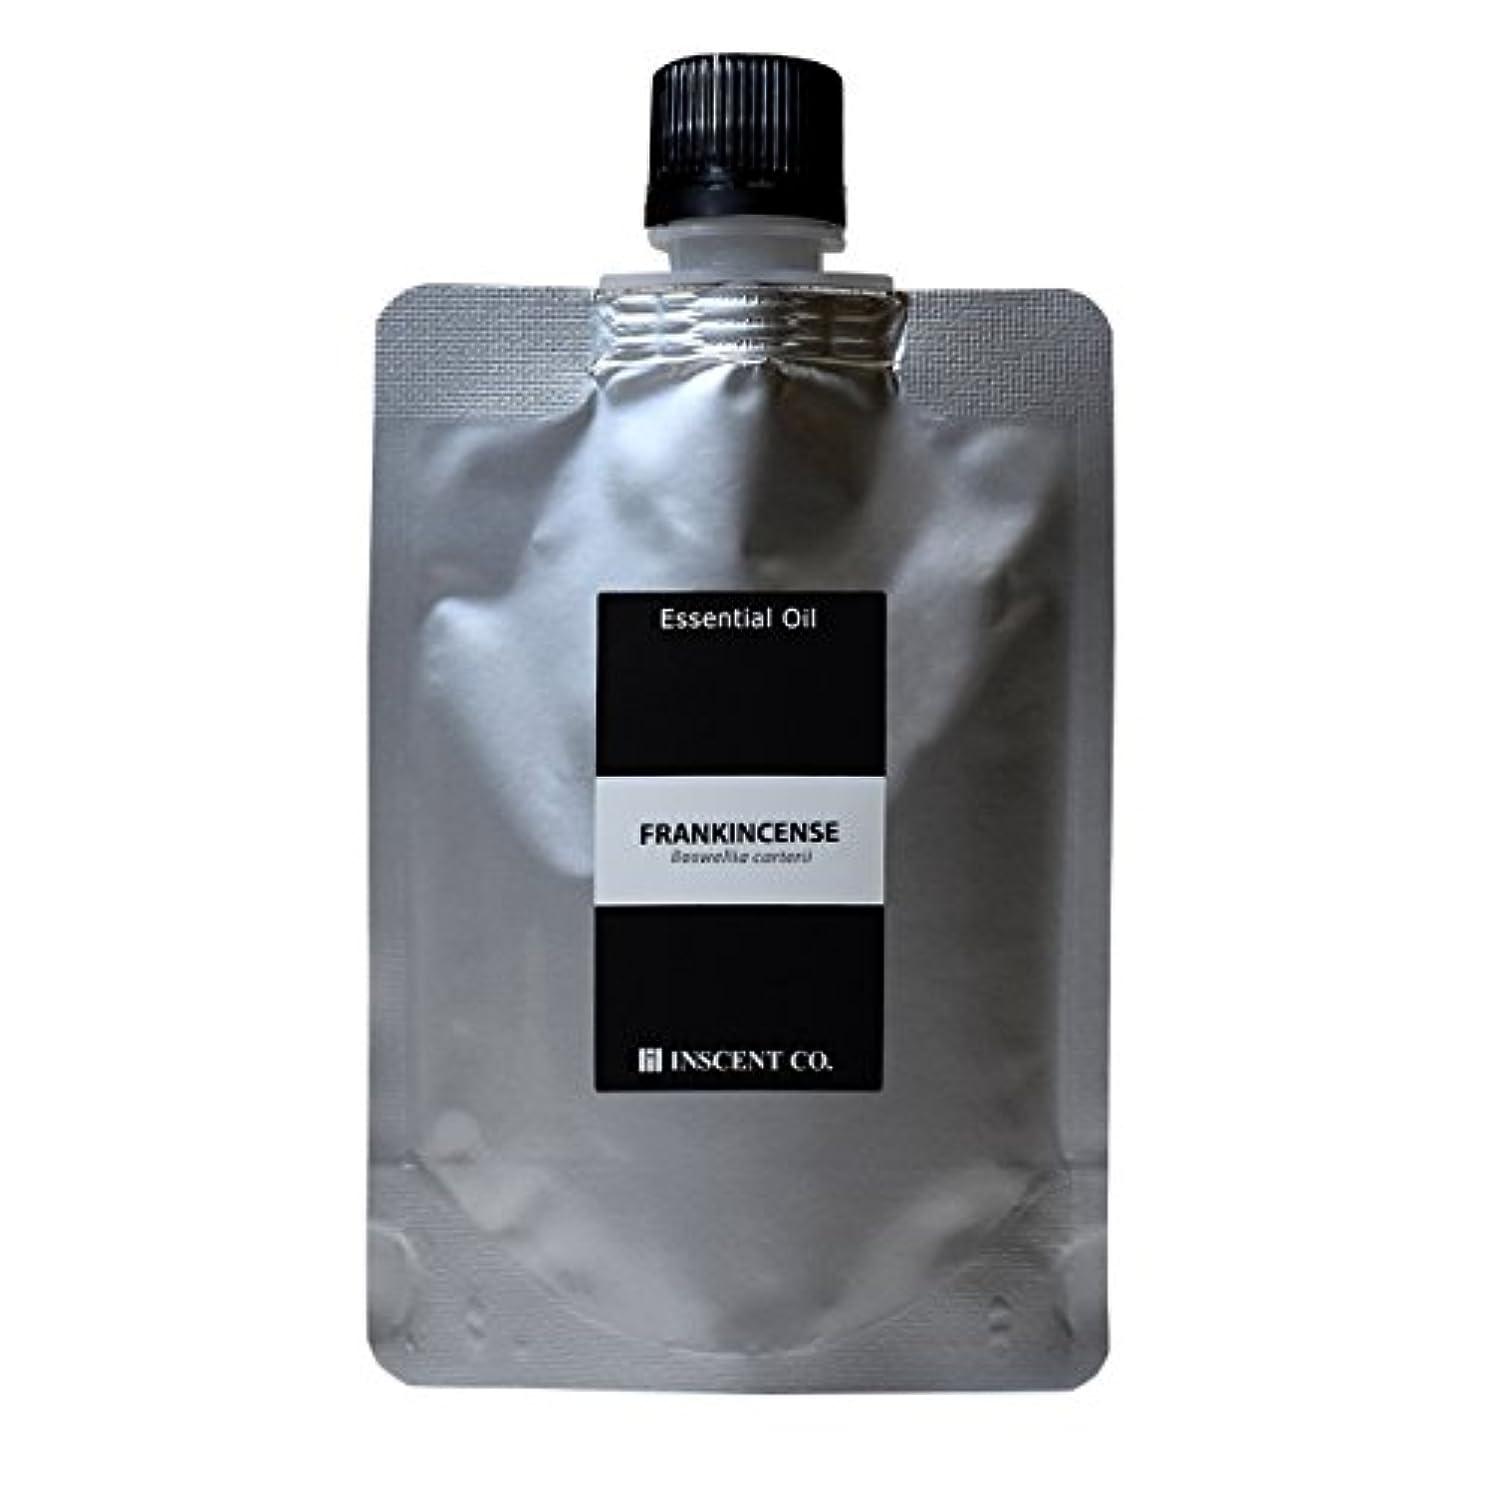 買い物に行くかもしれない家畜(詰替用 アルミパック) フランキンセンス (オリバナム/乳香) 100ml インセント アロマオイル AEAJ 表示基準適合認定精油